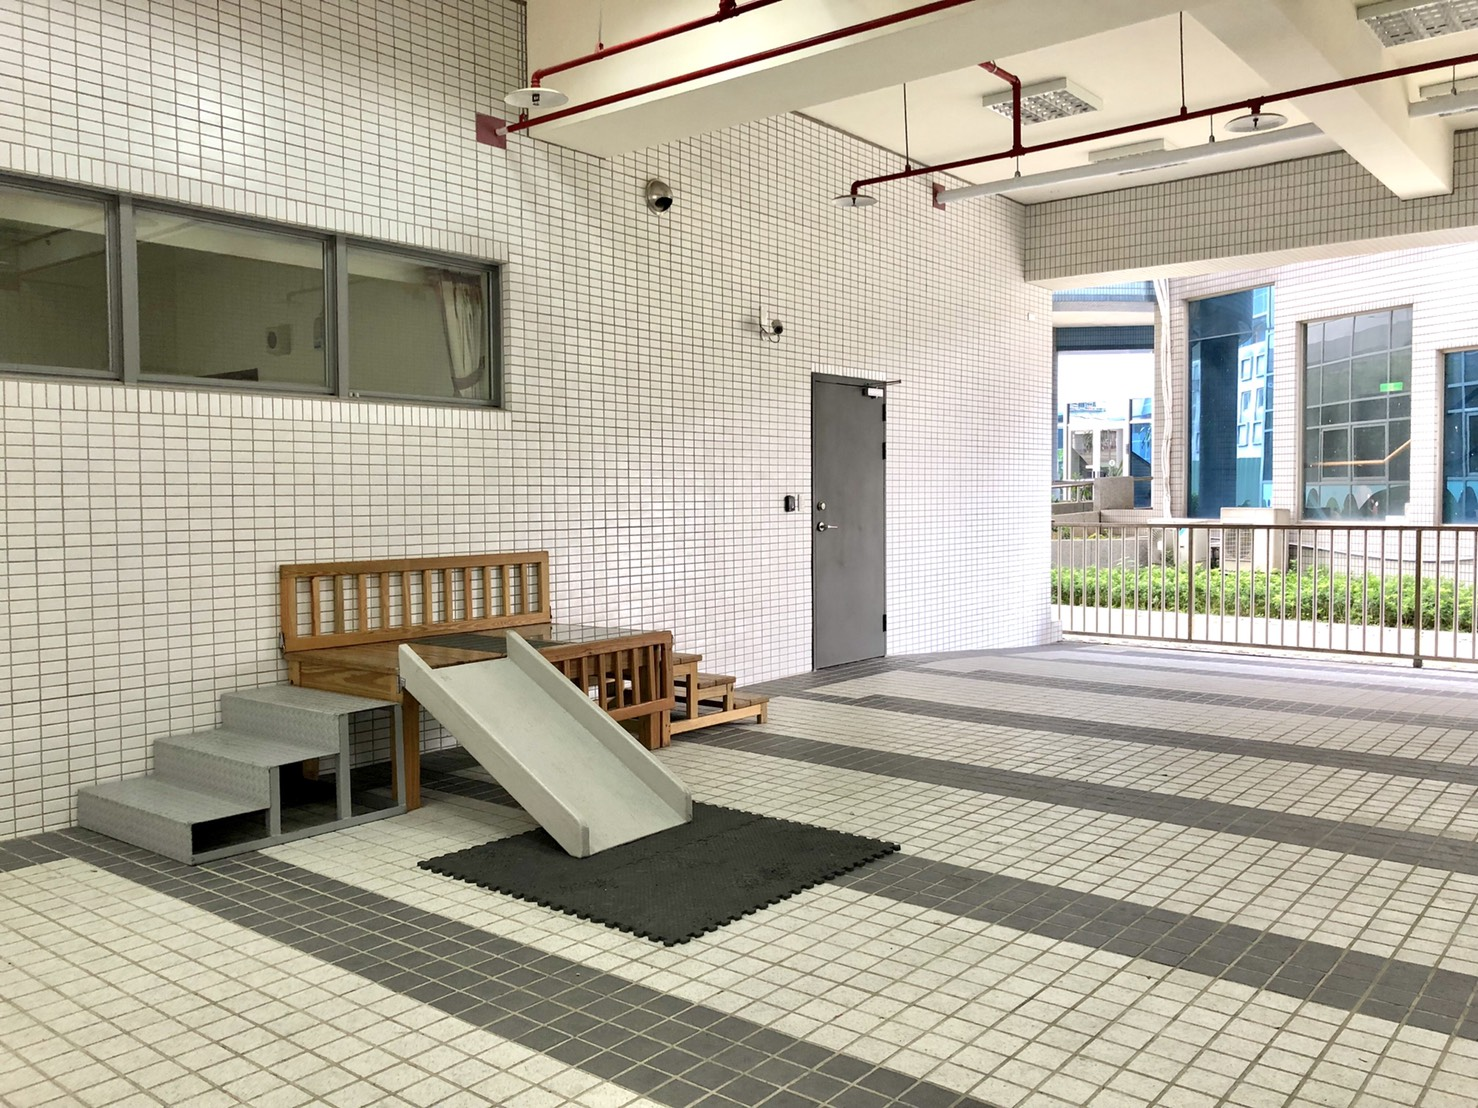 室內遊戲室,遊戲室的設施使用多種異材質製作,有模擬水溝蓋、木頭、塑膠等不同材質的地面樓梯斜坡。